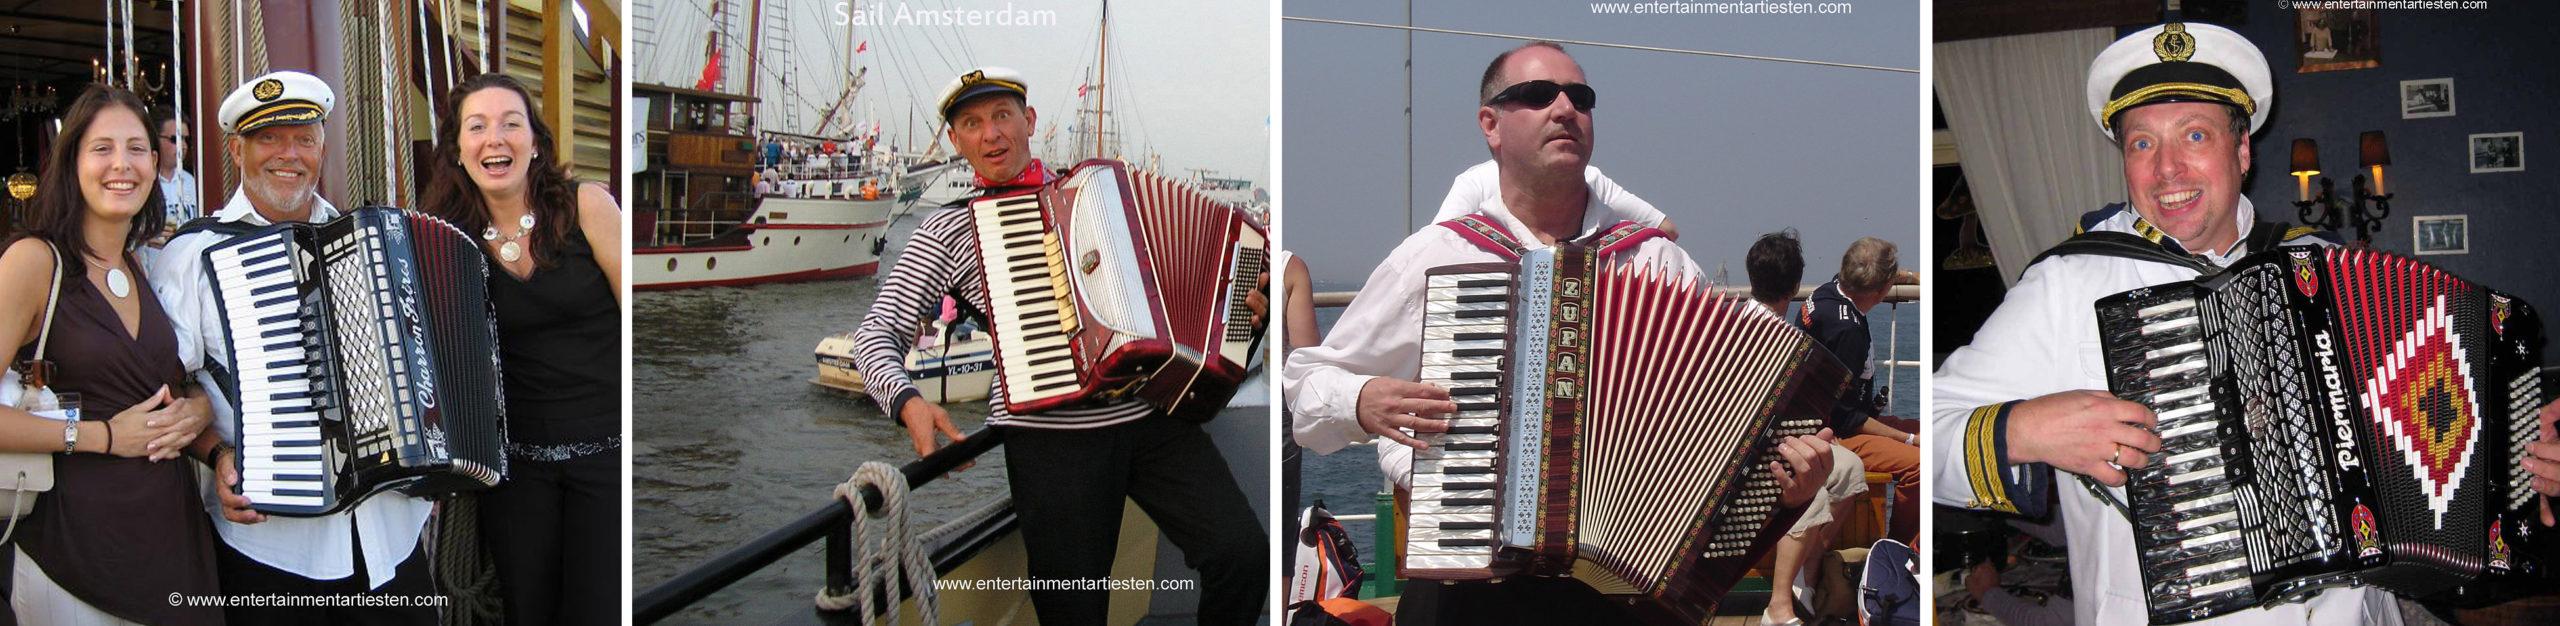 Muzikale matroos - accordeonist voor Nautisch- & muzikaal Maritiem Entertainment op schepen, nautische muzikanten, accordeonist, muziek, Govers Evenementen, www.goversartiesten.nl